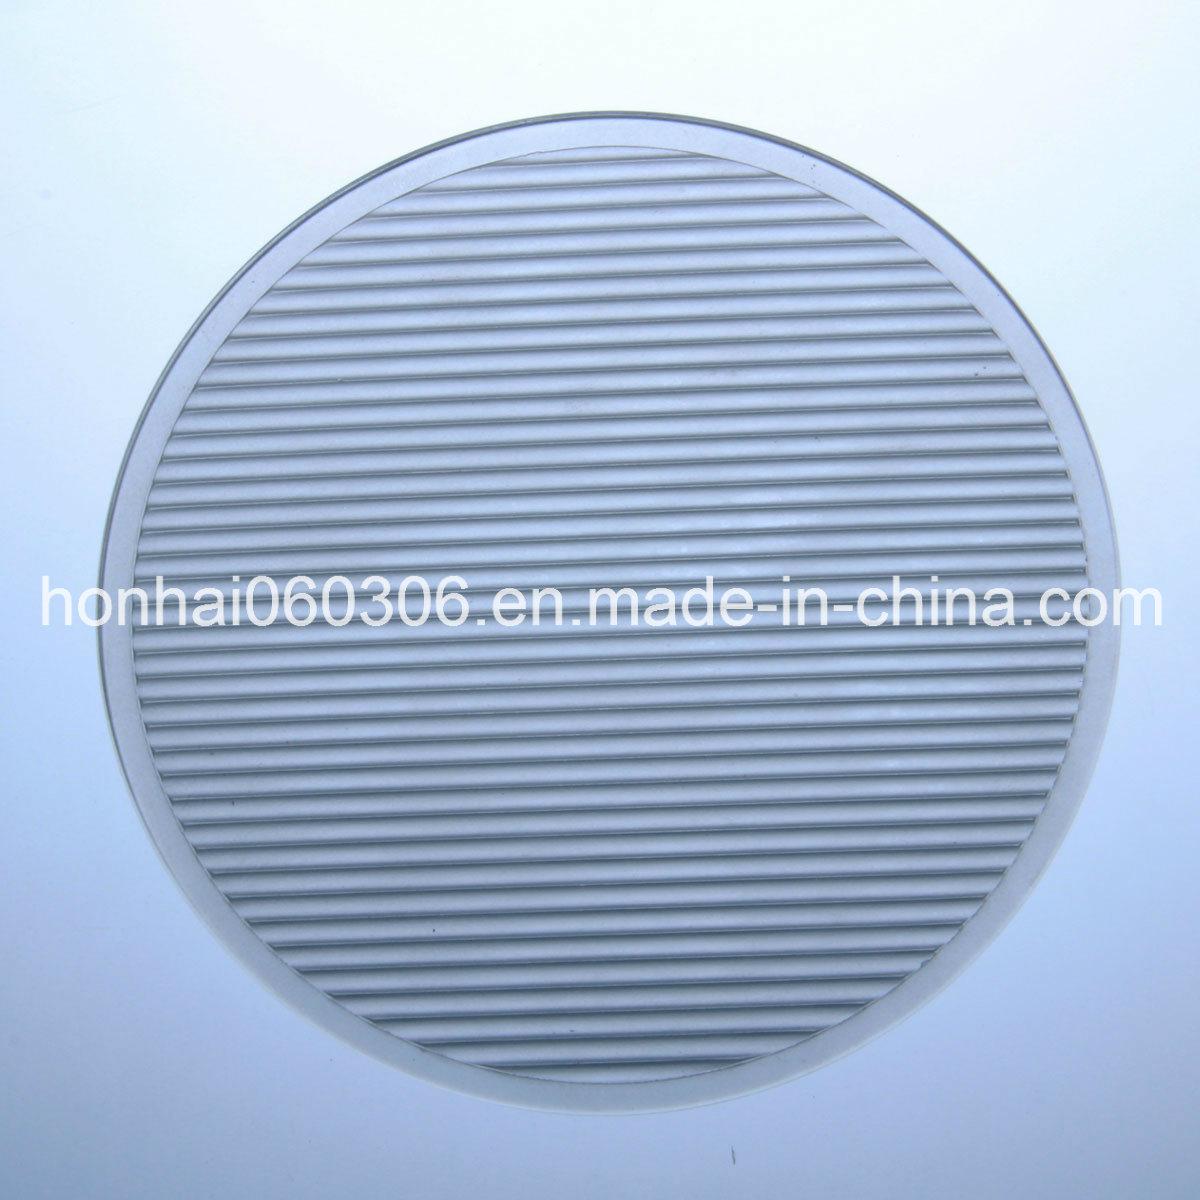 Molded Borosilicate Glass Fresnel Lenses